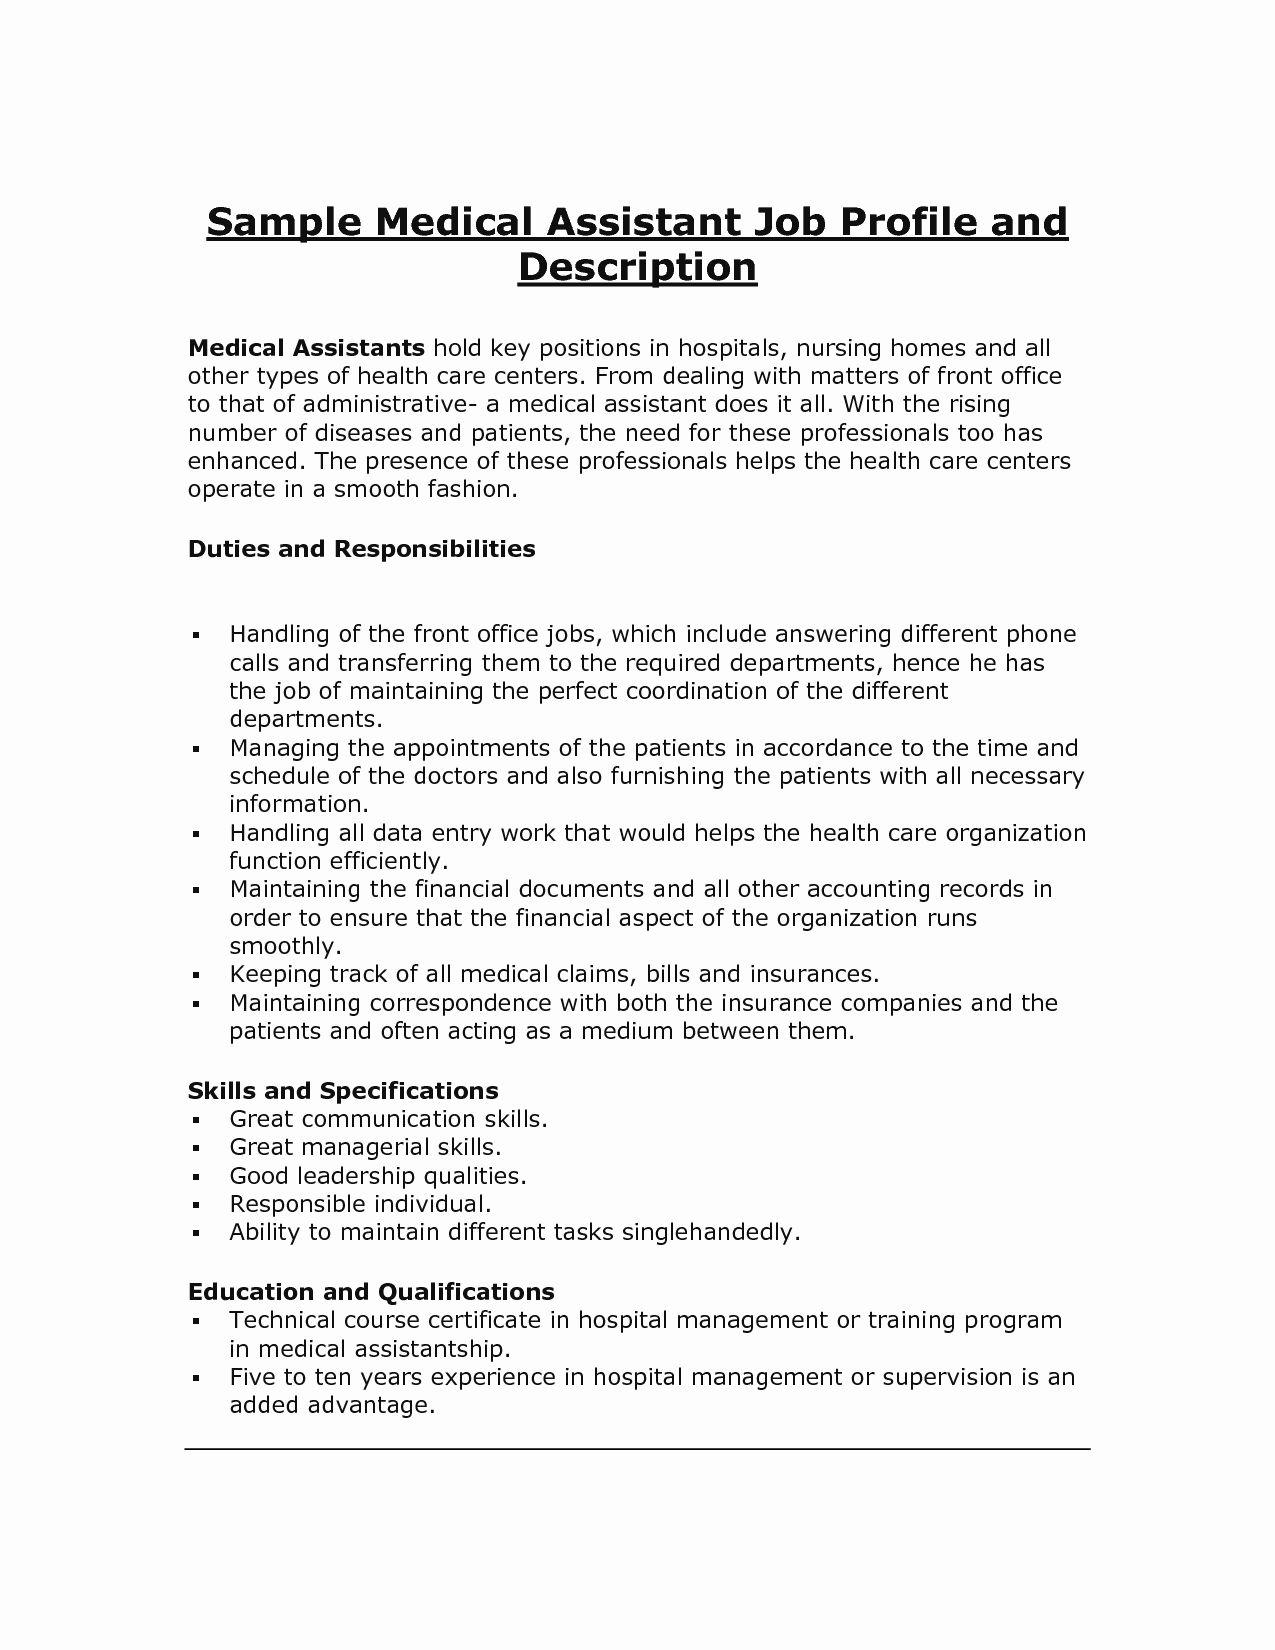 Medical Office Assistant Job Description Resume Luxury 10 Sample Resume For Medical Assistant Job In 2021 Medical Assistant Resume Office Assistant Jobs Assistant Jobs